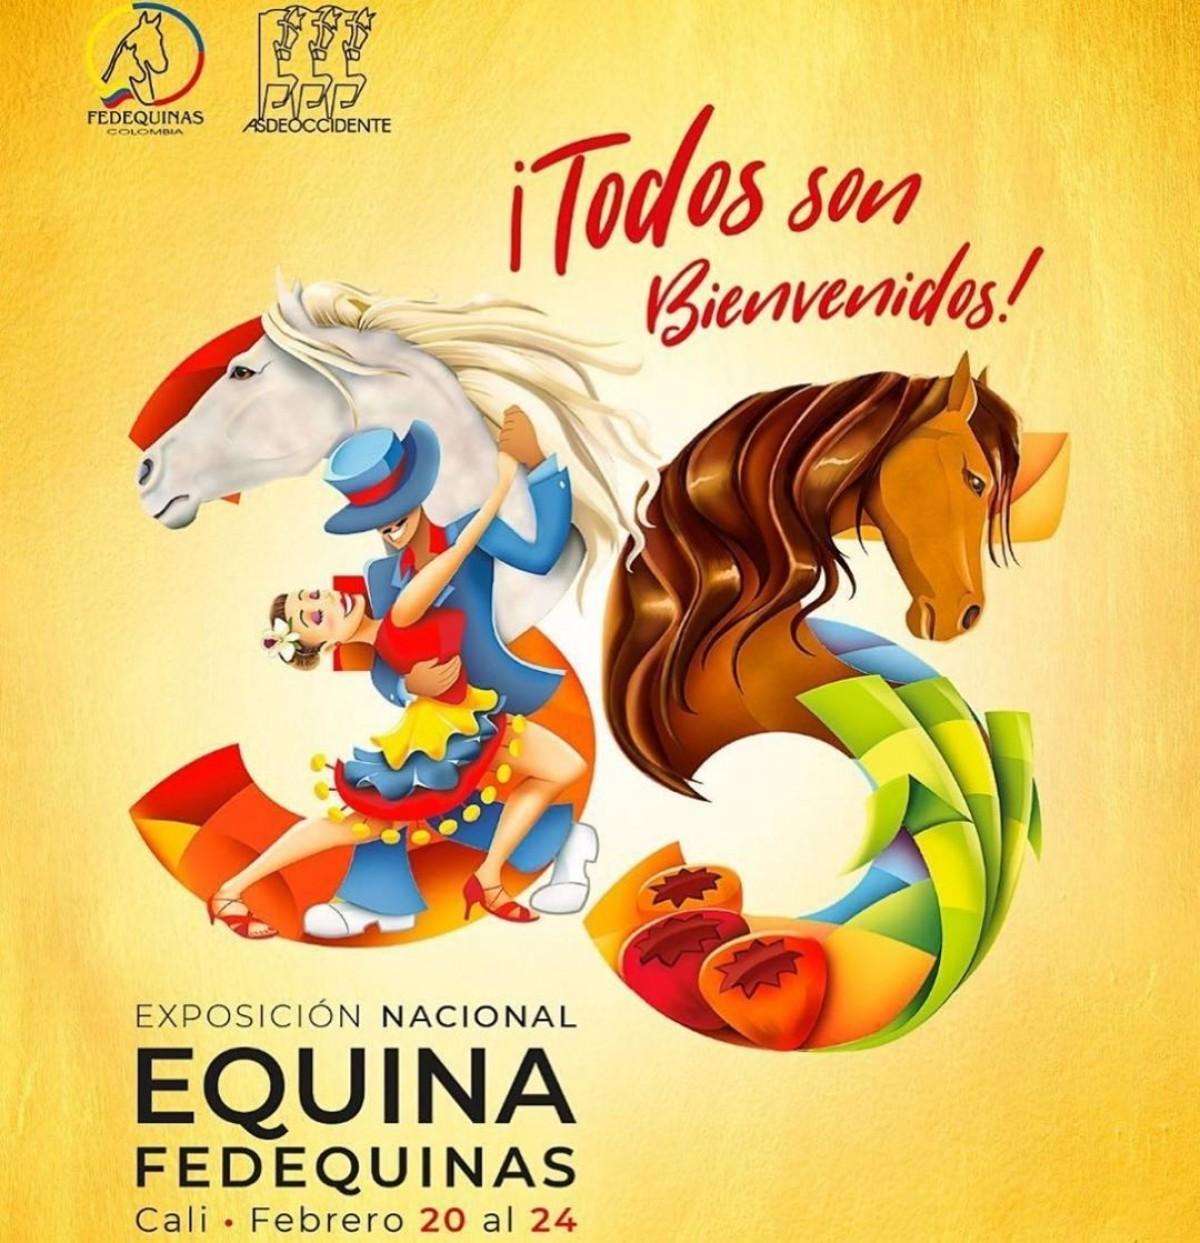 RESULTADOS 35a Exposición Nacional Equina 2019 - TROTE Y GALOPE